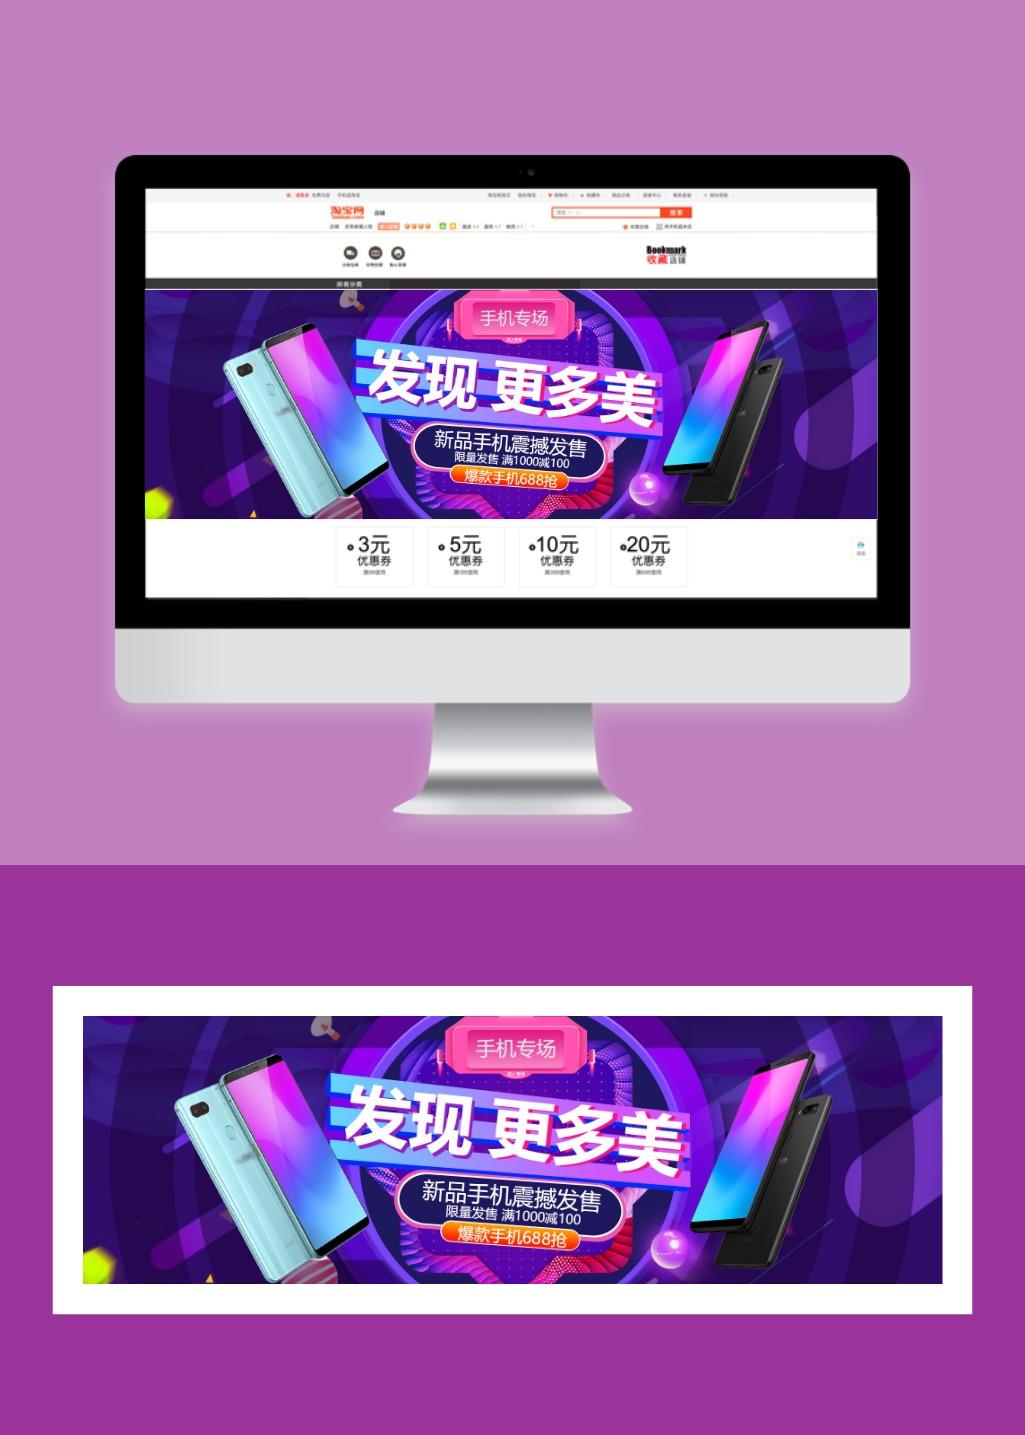 双11时尚炫酷百货零售手机商城促销电商banner